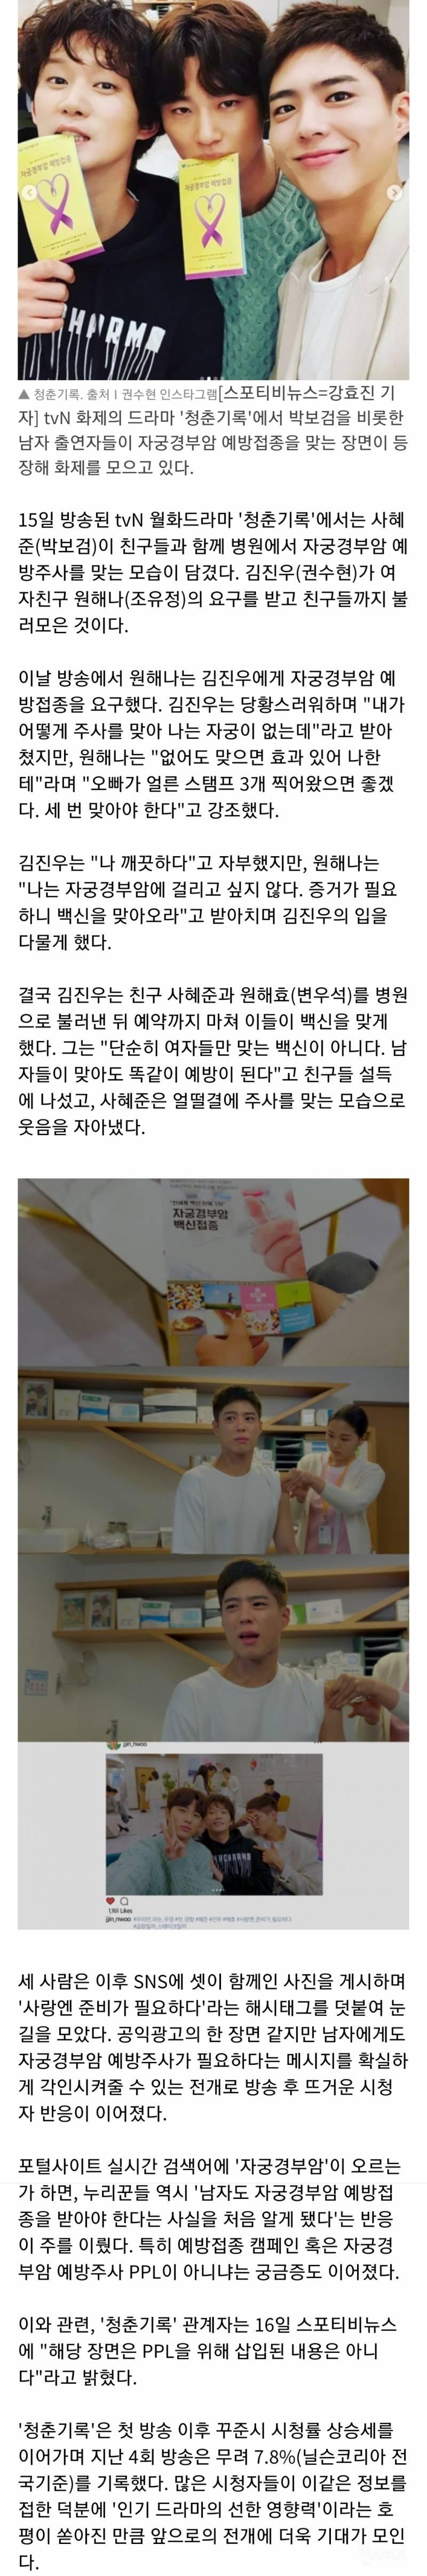 '청춘기록' 박보검 자궁경부암 예방접종, PPL 아니었다 | 인스티즈